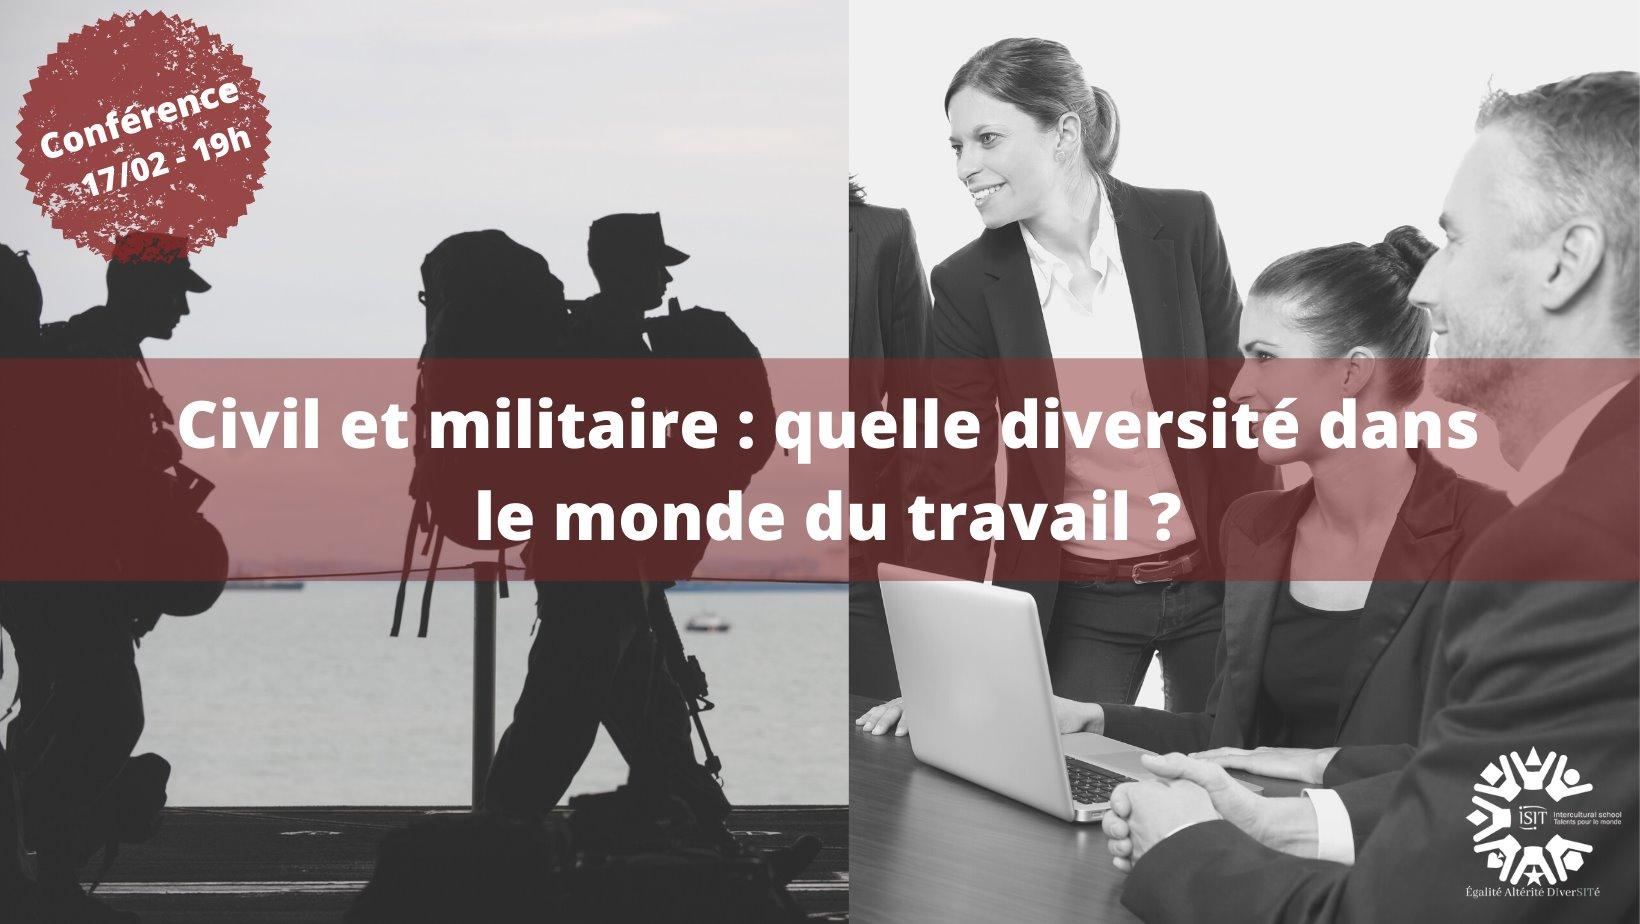 Conférence sur la diversité dans le monde du travail